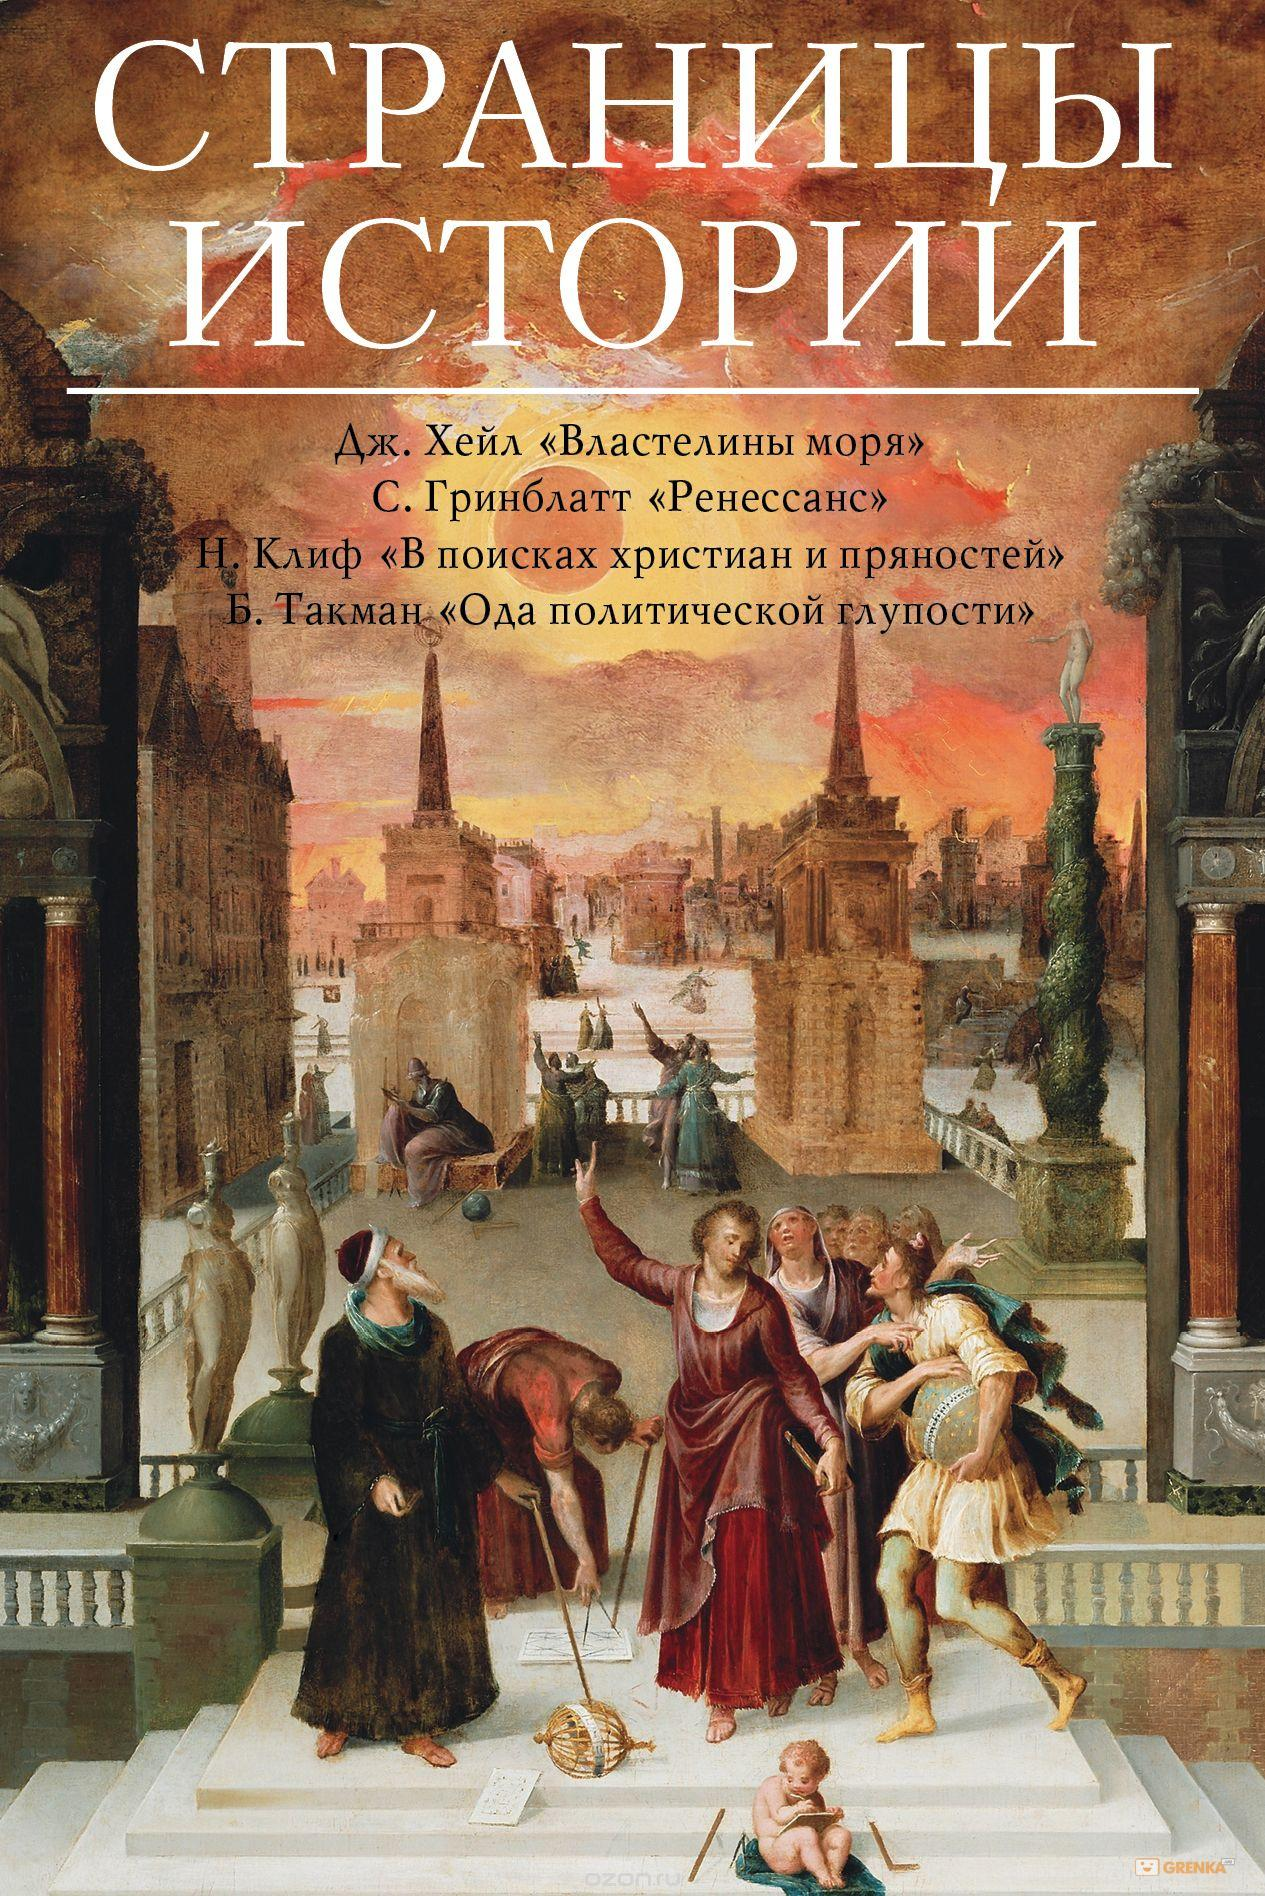 Купить Страницы истории. Комплект из 4-х книг, Стивен Гринблатт, 978-5-17-102015-6